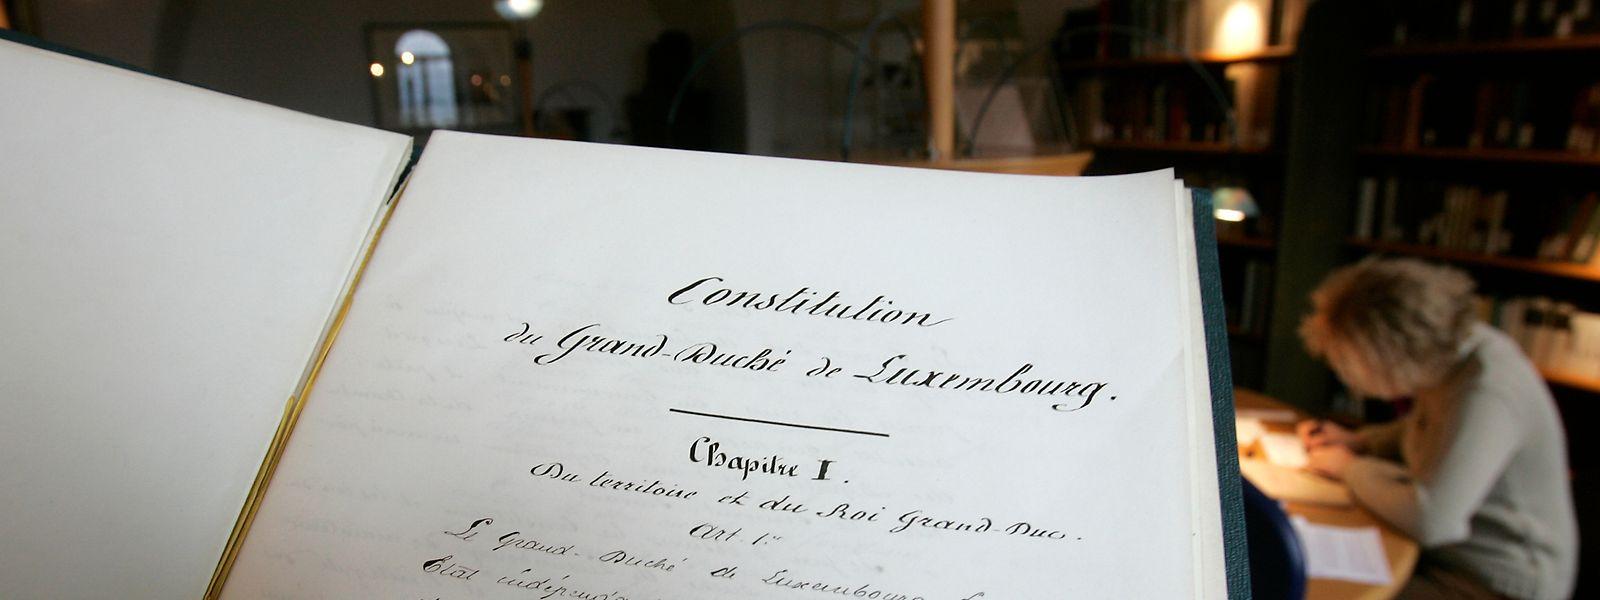 Die Verfassung von 1868 soll nun doch Gültigkeit behalten. Der Text wird aber in mehreren Etappen punktuell angepasst.